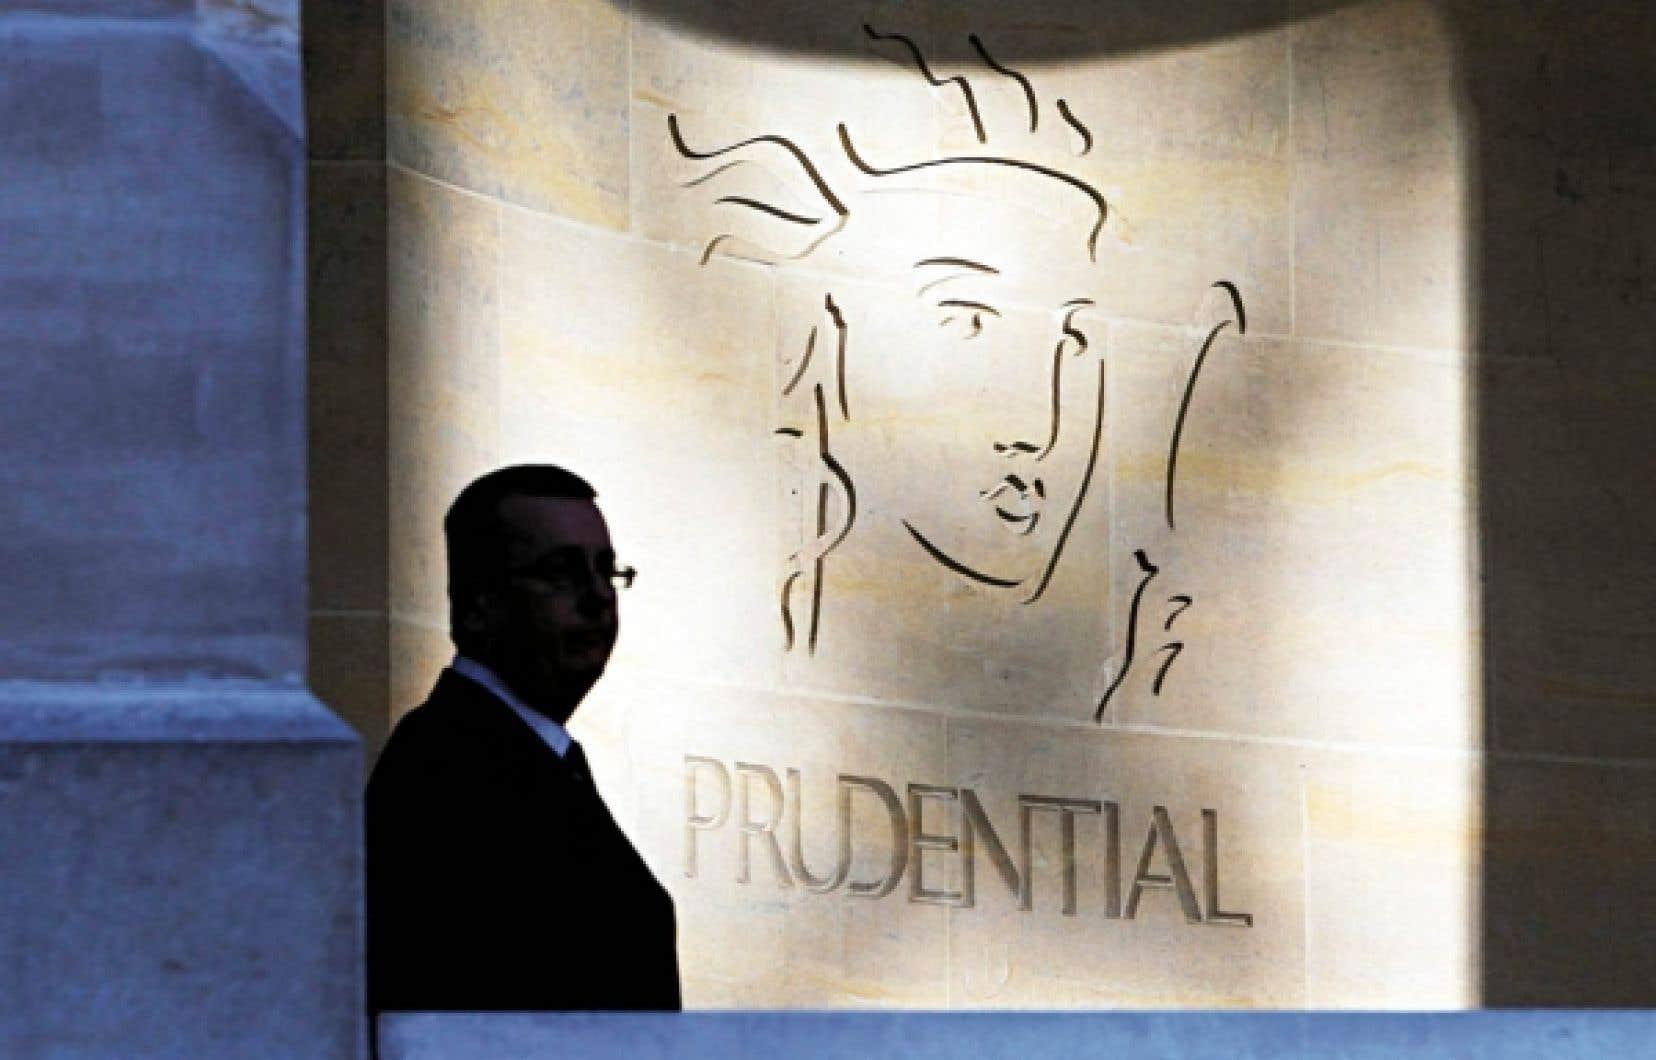 Avec l'achat d'AIA, filiale asiatique d'AIG, Prudential est fort de 30 millions de clients en Asie.